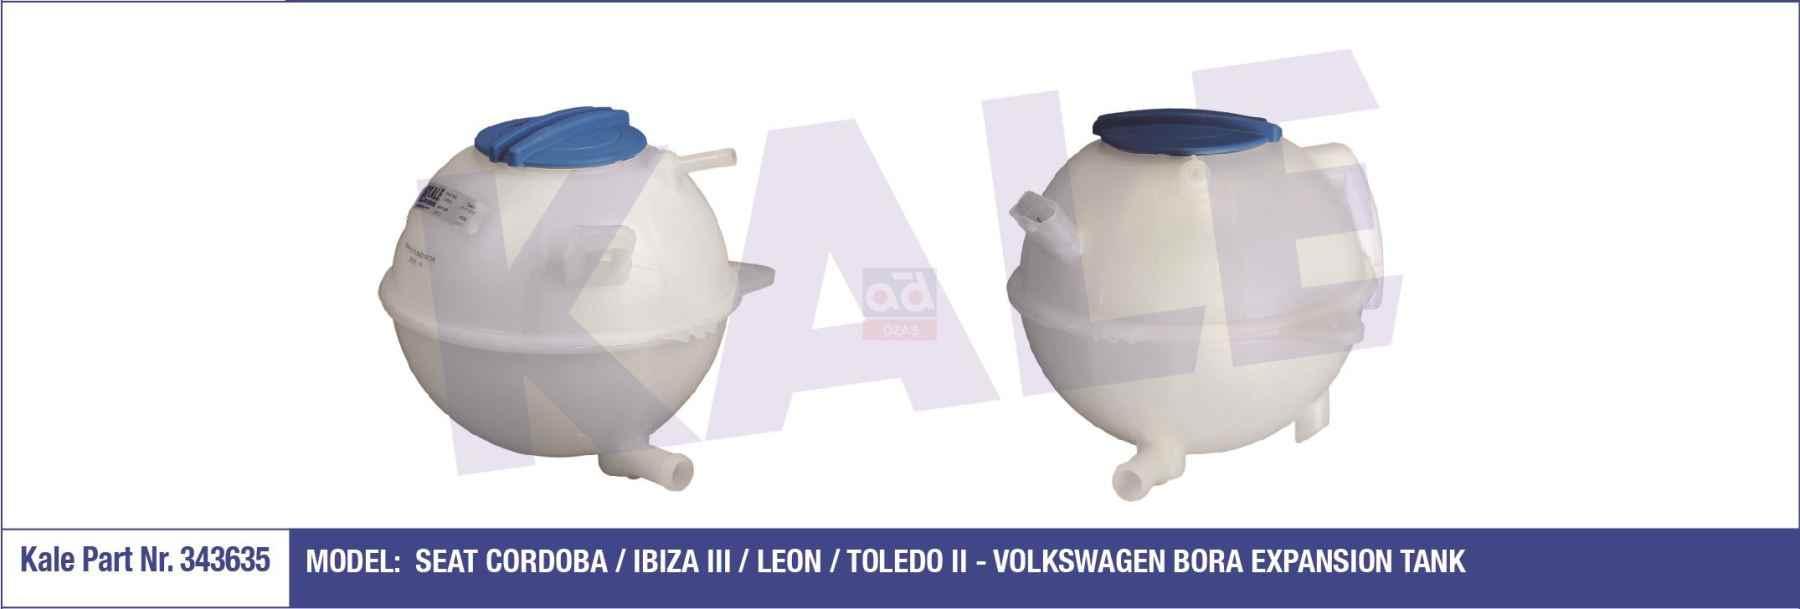 Морская водоросль-343635-RADYATOR Замена канистры для воды для VOLKSWAGEN GOLF Характеристическая вязкость полимера (1 J1) 9705 1,4 16V 1390 CC-75 HP (1997/8-2005/6) AHW   С обеих сторон  